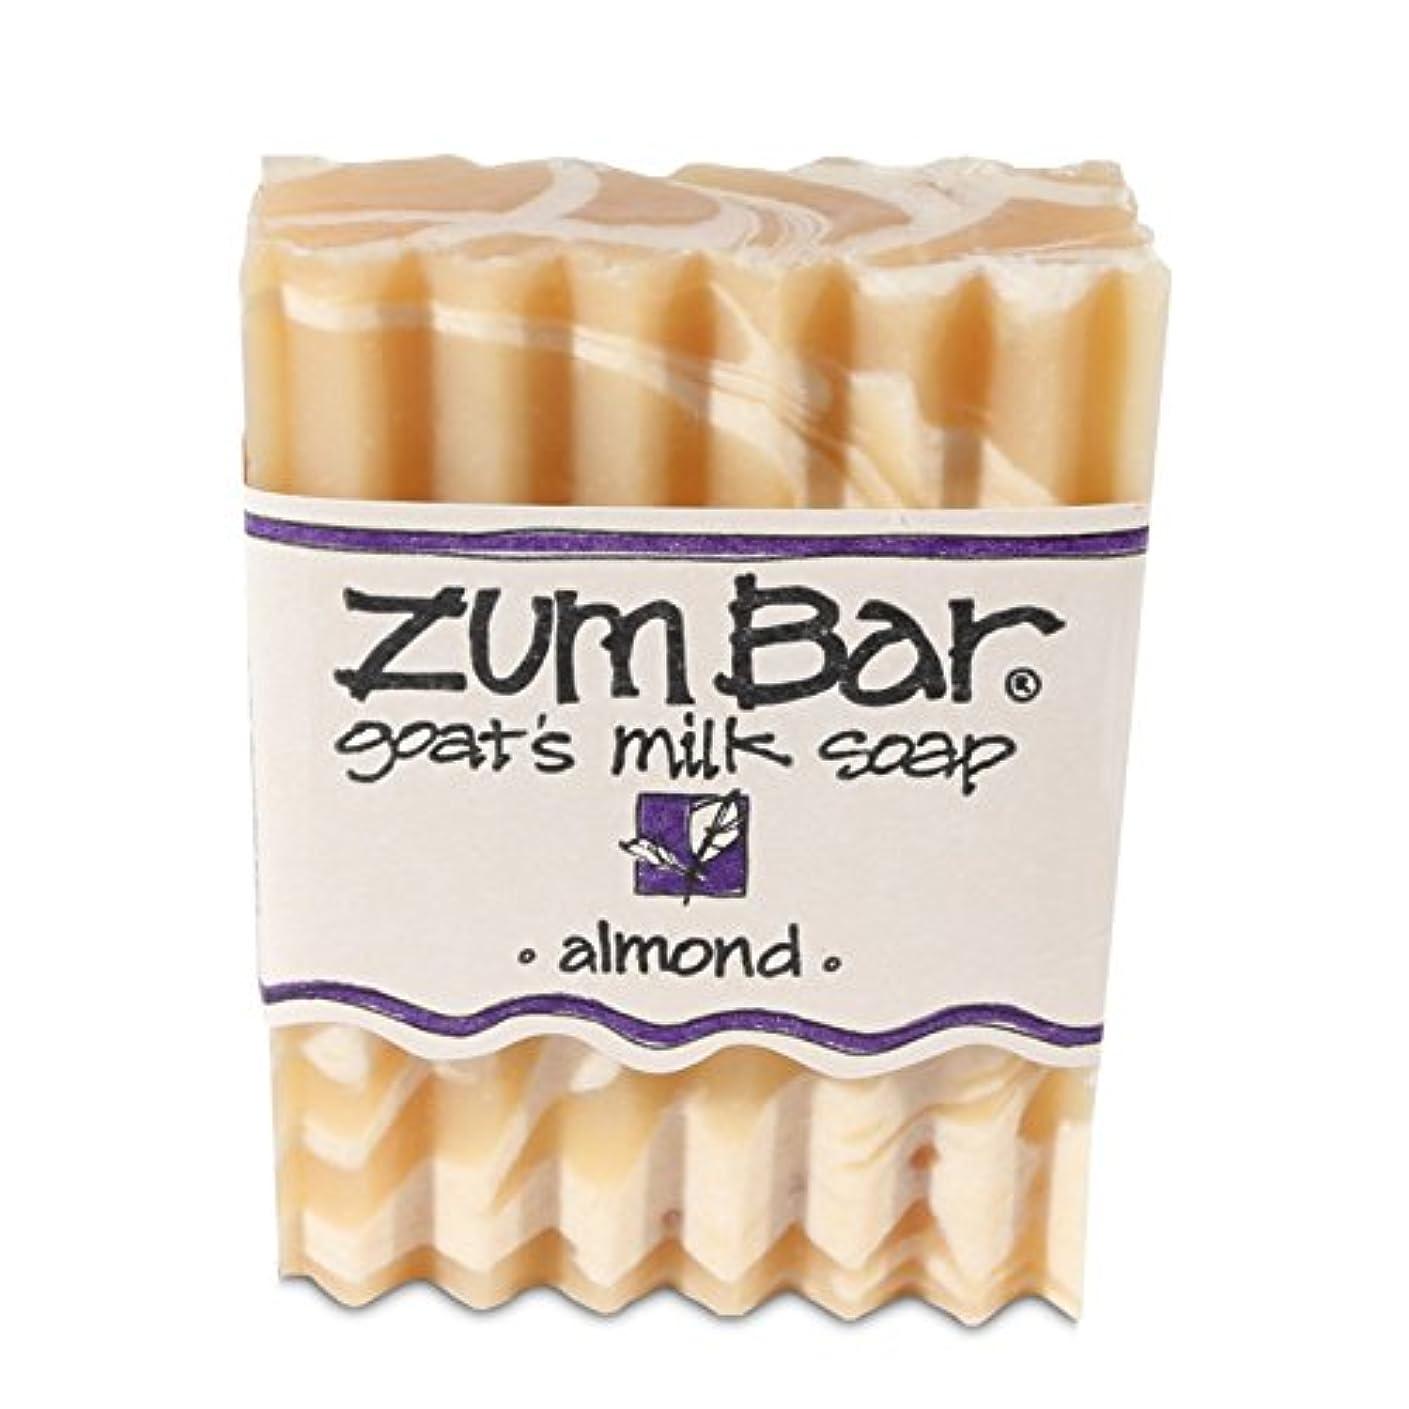 教師の日こっそり白雪姫海外直送品 Indigo Wild, Zum Bar, Goat's ミルク ソープ アーモンド , 3 Ounces (2個セット) (Almond) [並行輸入品]